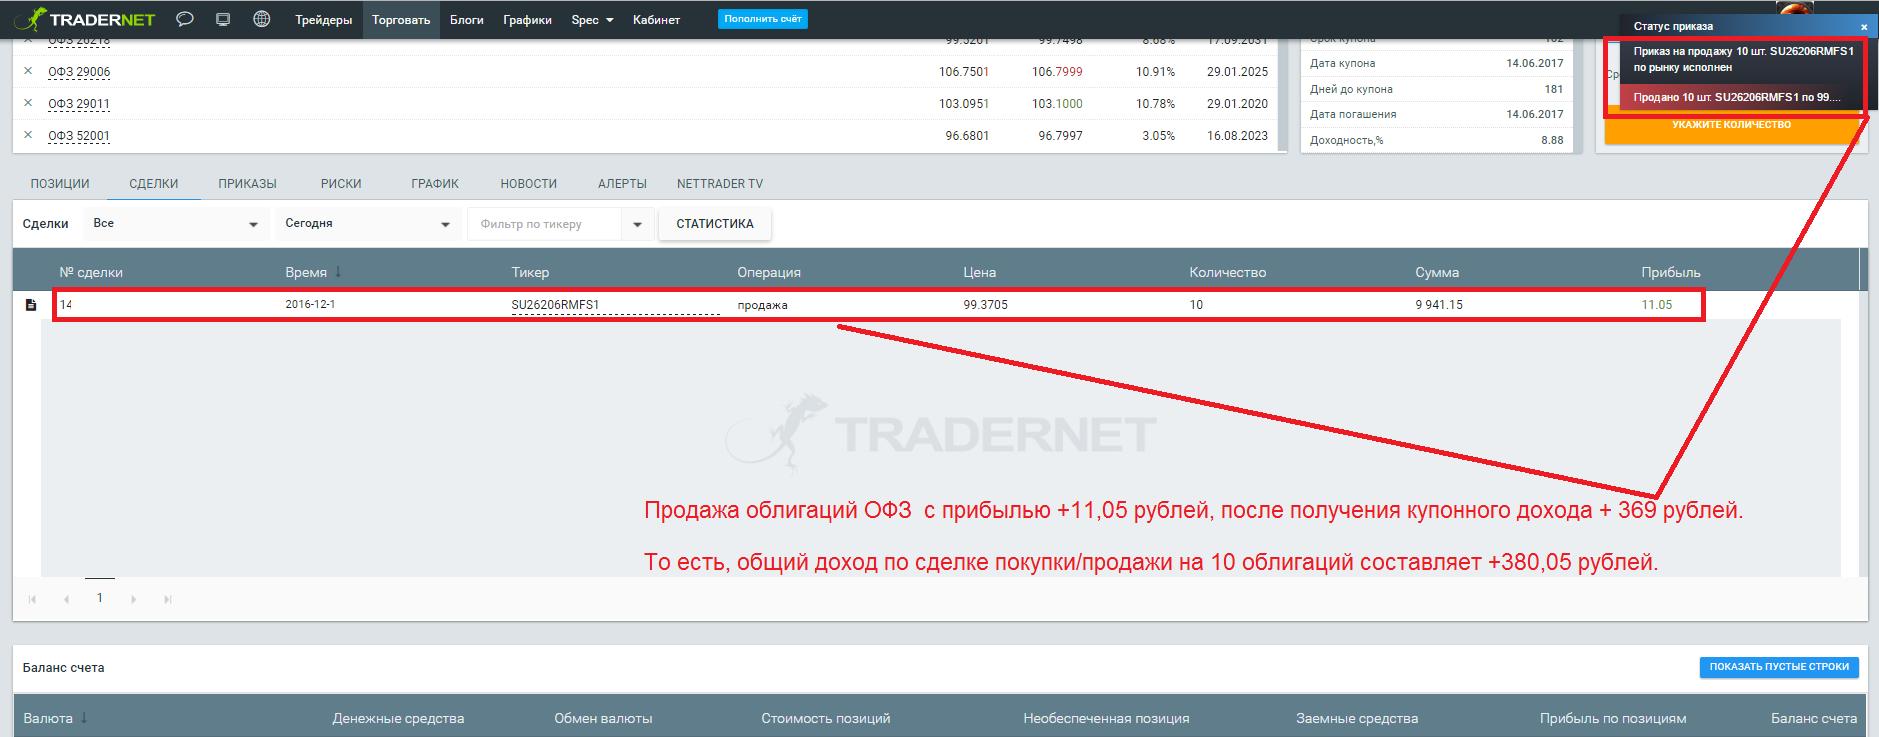 погашение облигаций ОФЗ